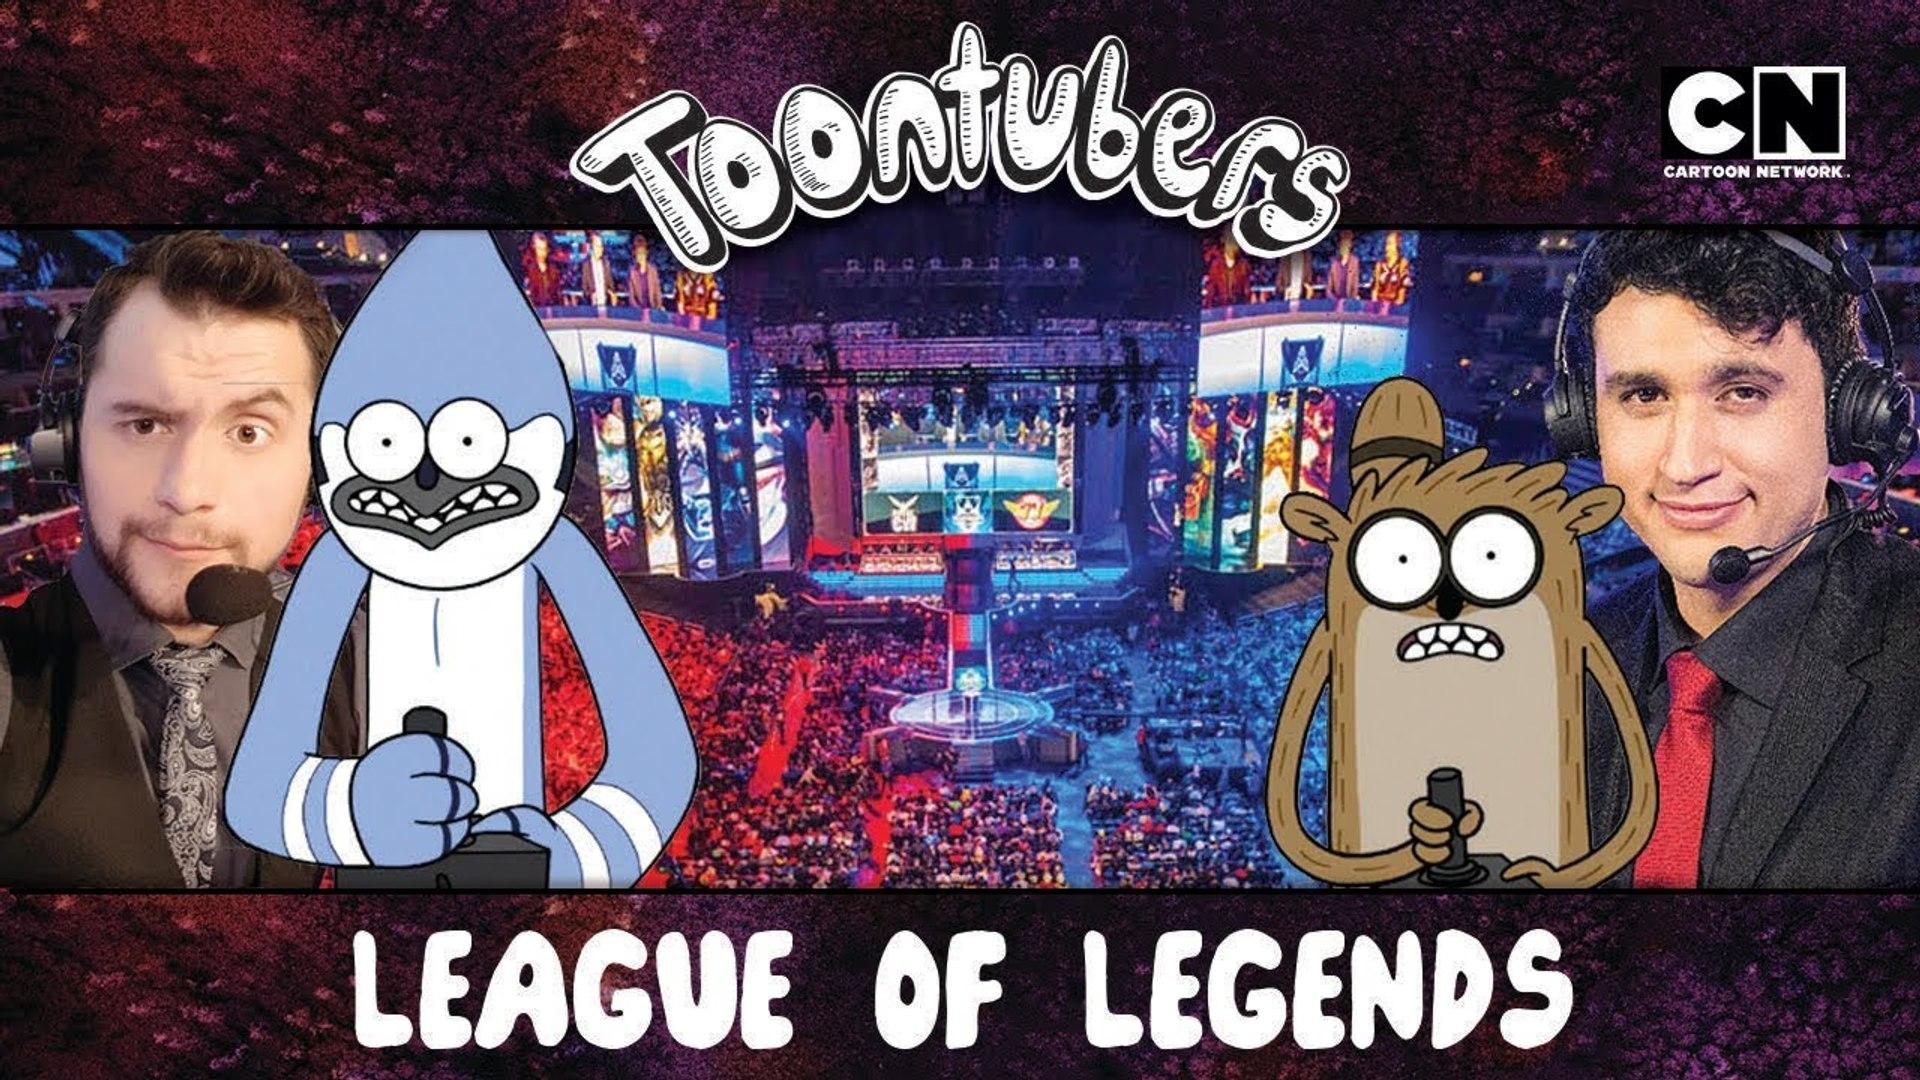 La Gran Guerra de los Narradores en League of Legends ToonTubers Cartoon Network